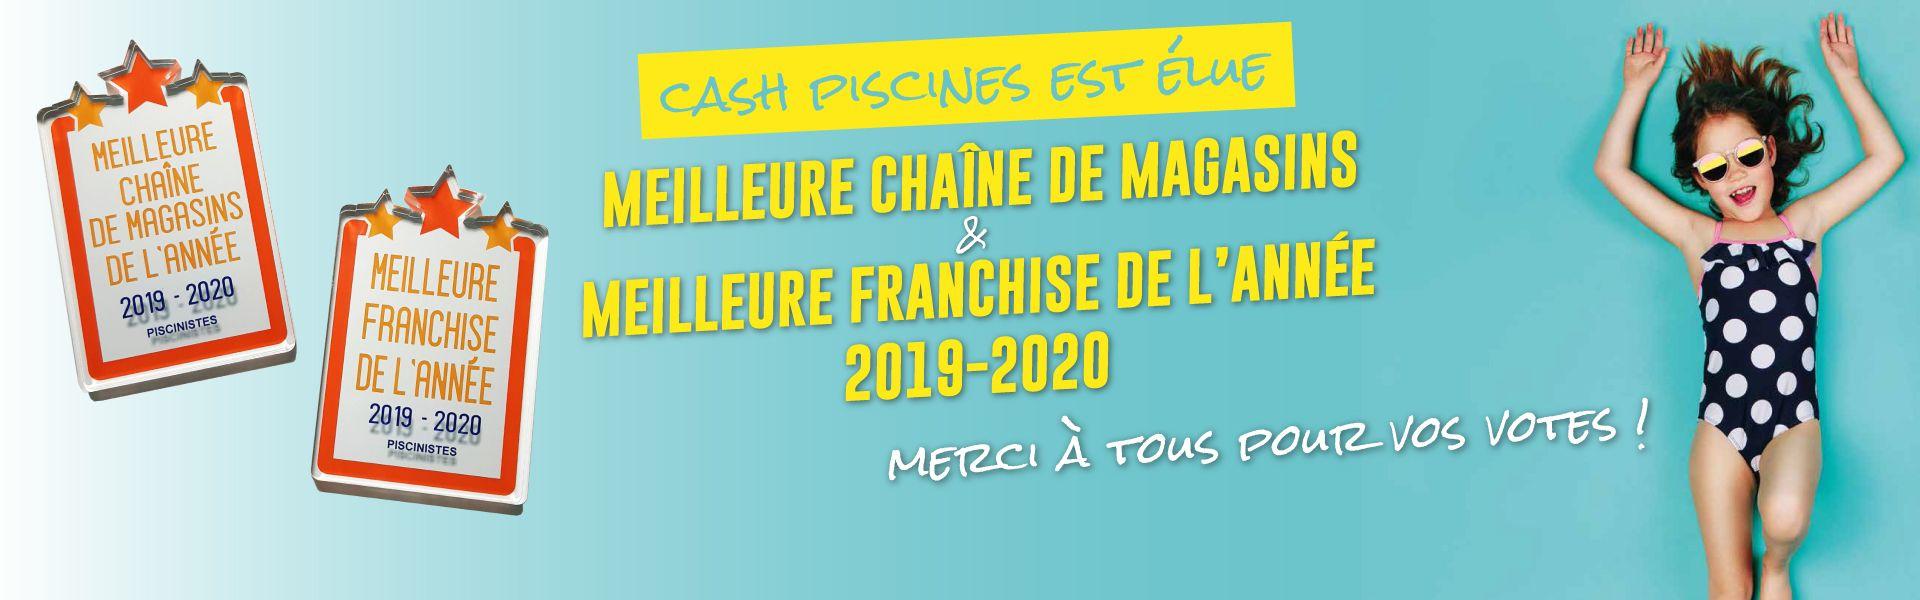 Cash Piscines - Tout Pour La Piscine & Spas Gonflables ... encequiconcerne Cash Piscine Langon